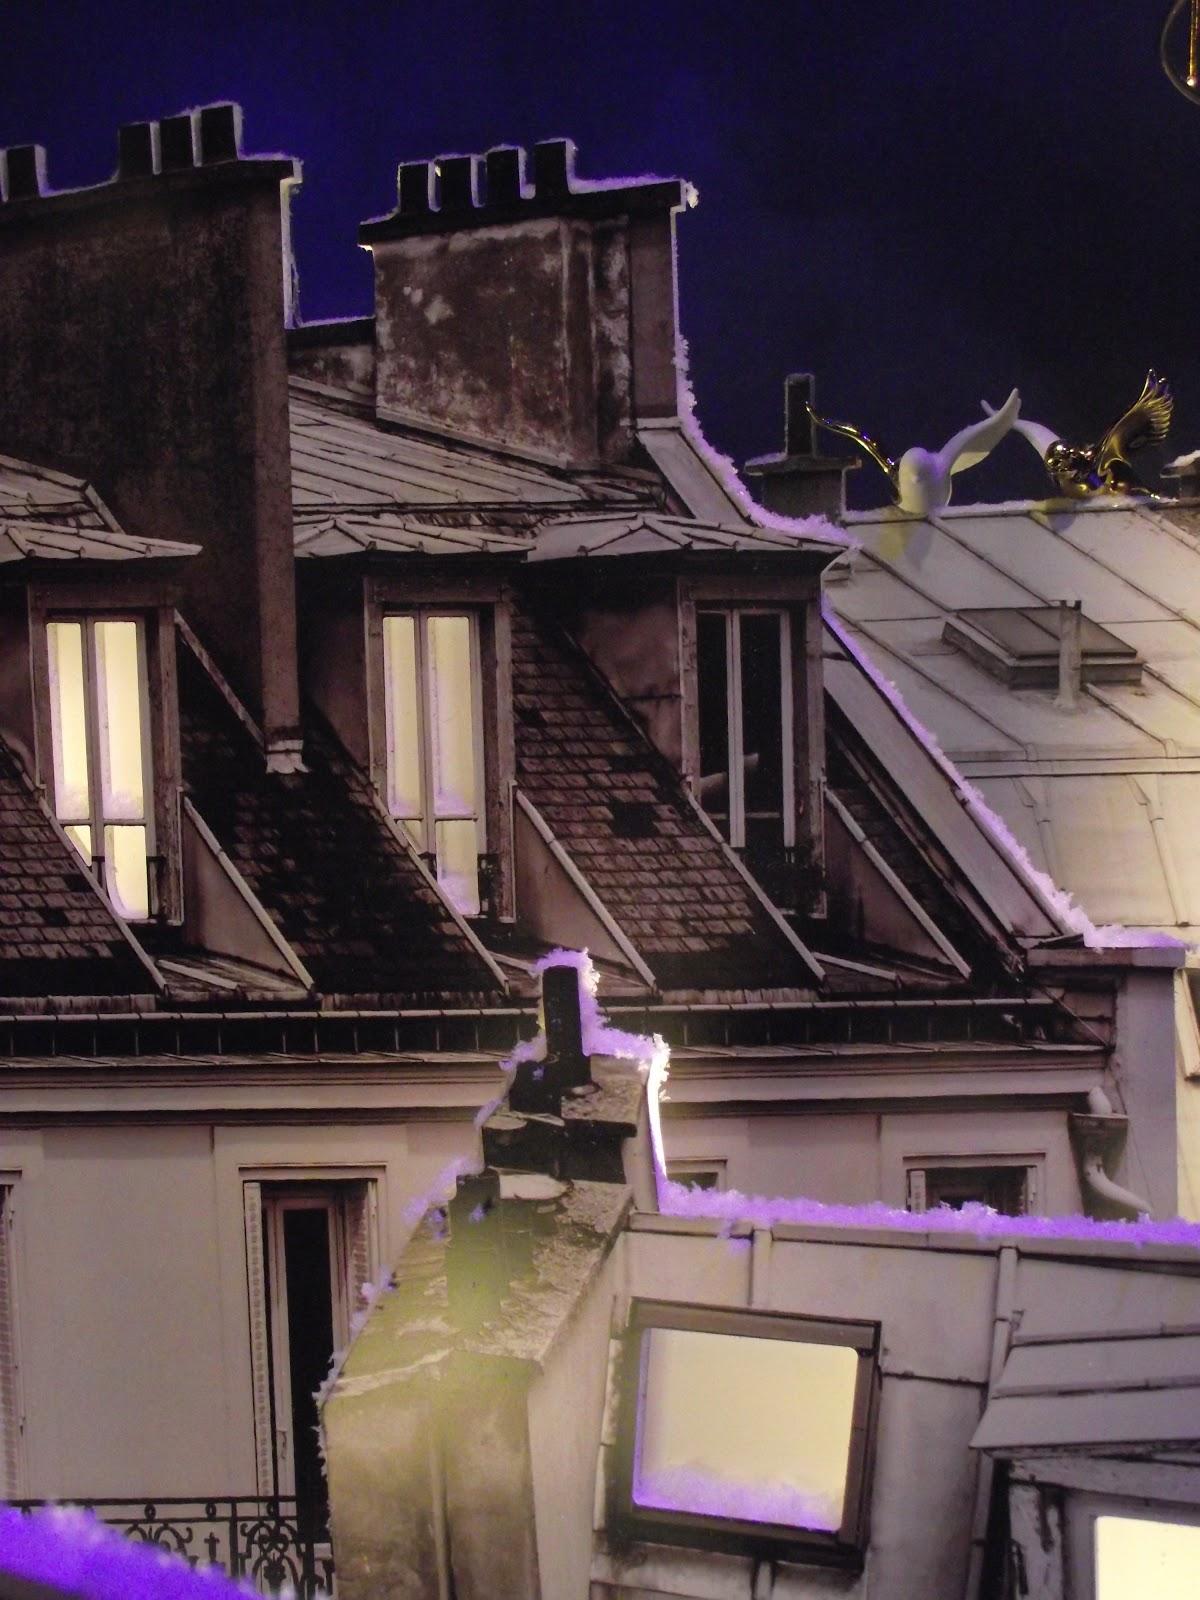 #631AB1 Sur Les Toits De Paris {Noël Avec Le Bon Marché} Nalou's  5347 décorations de noel bon marché 1200x1600 px @ aertt.com